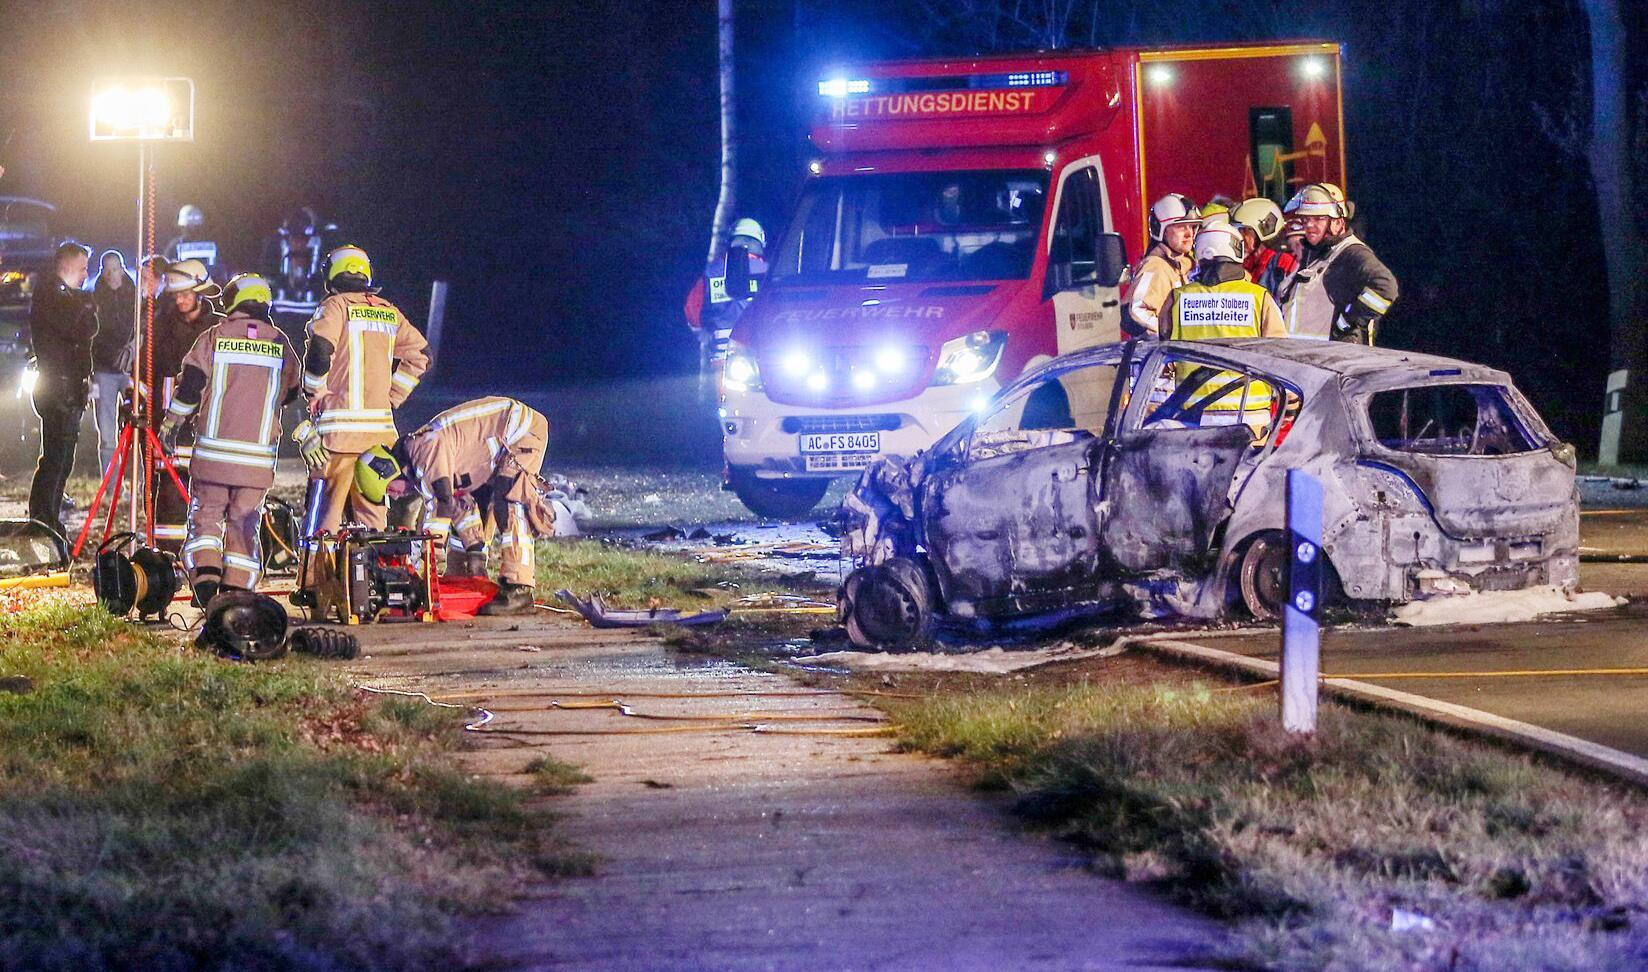 Unfall Mit Fünf Toten Fahrer Wich Radaranlage Aus 1 1